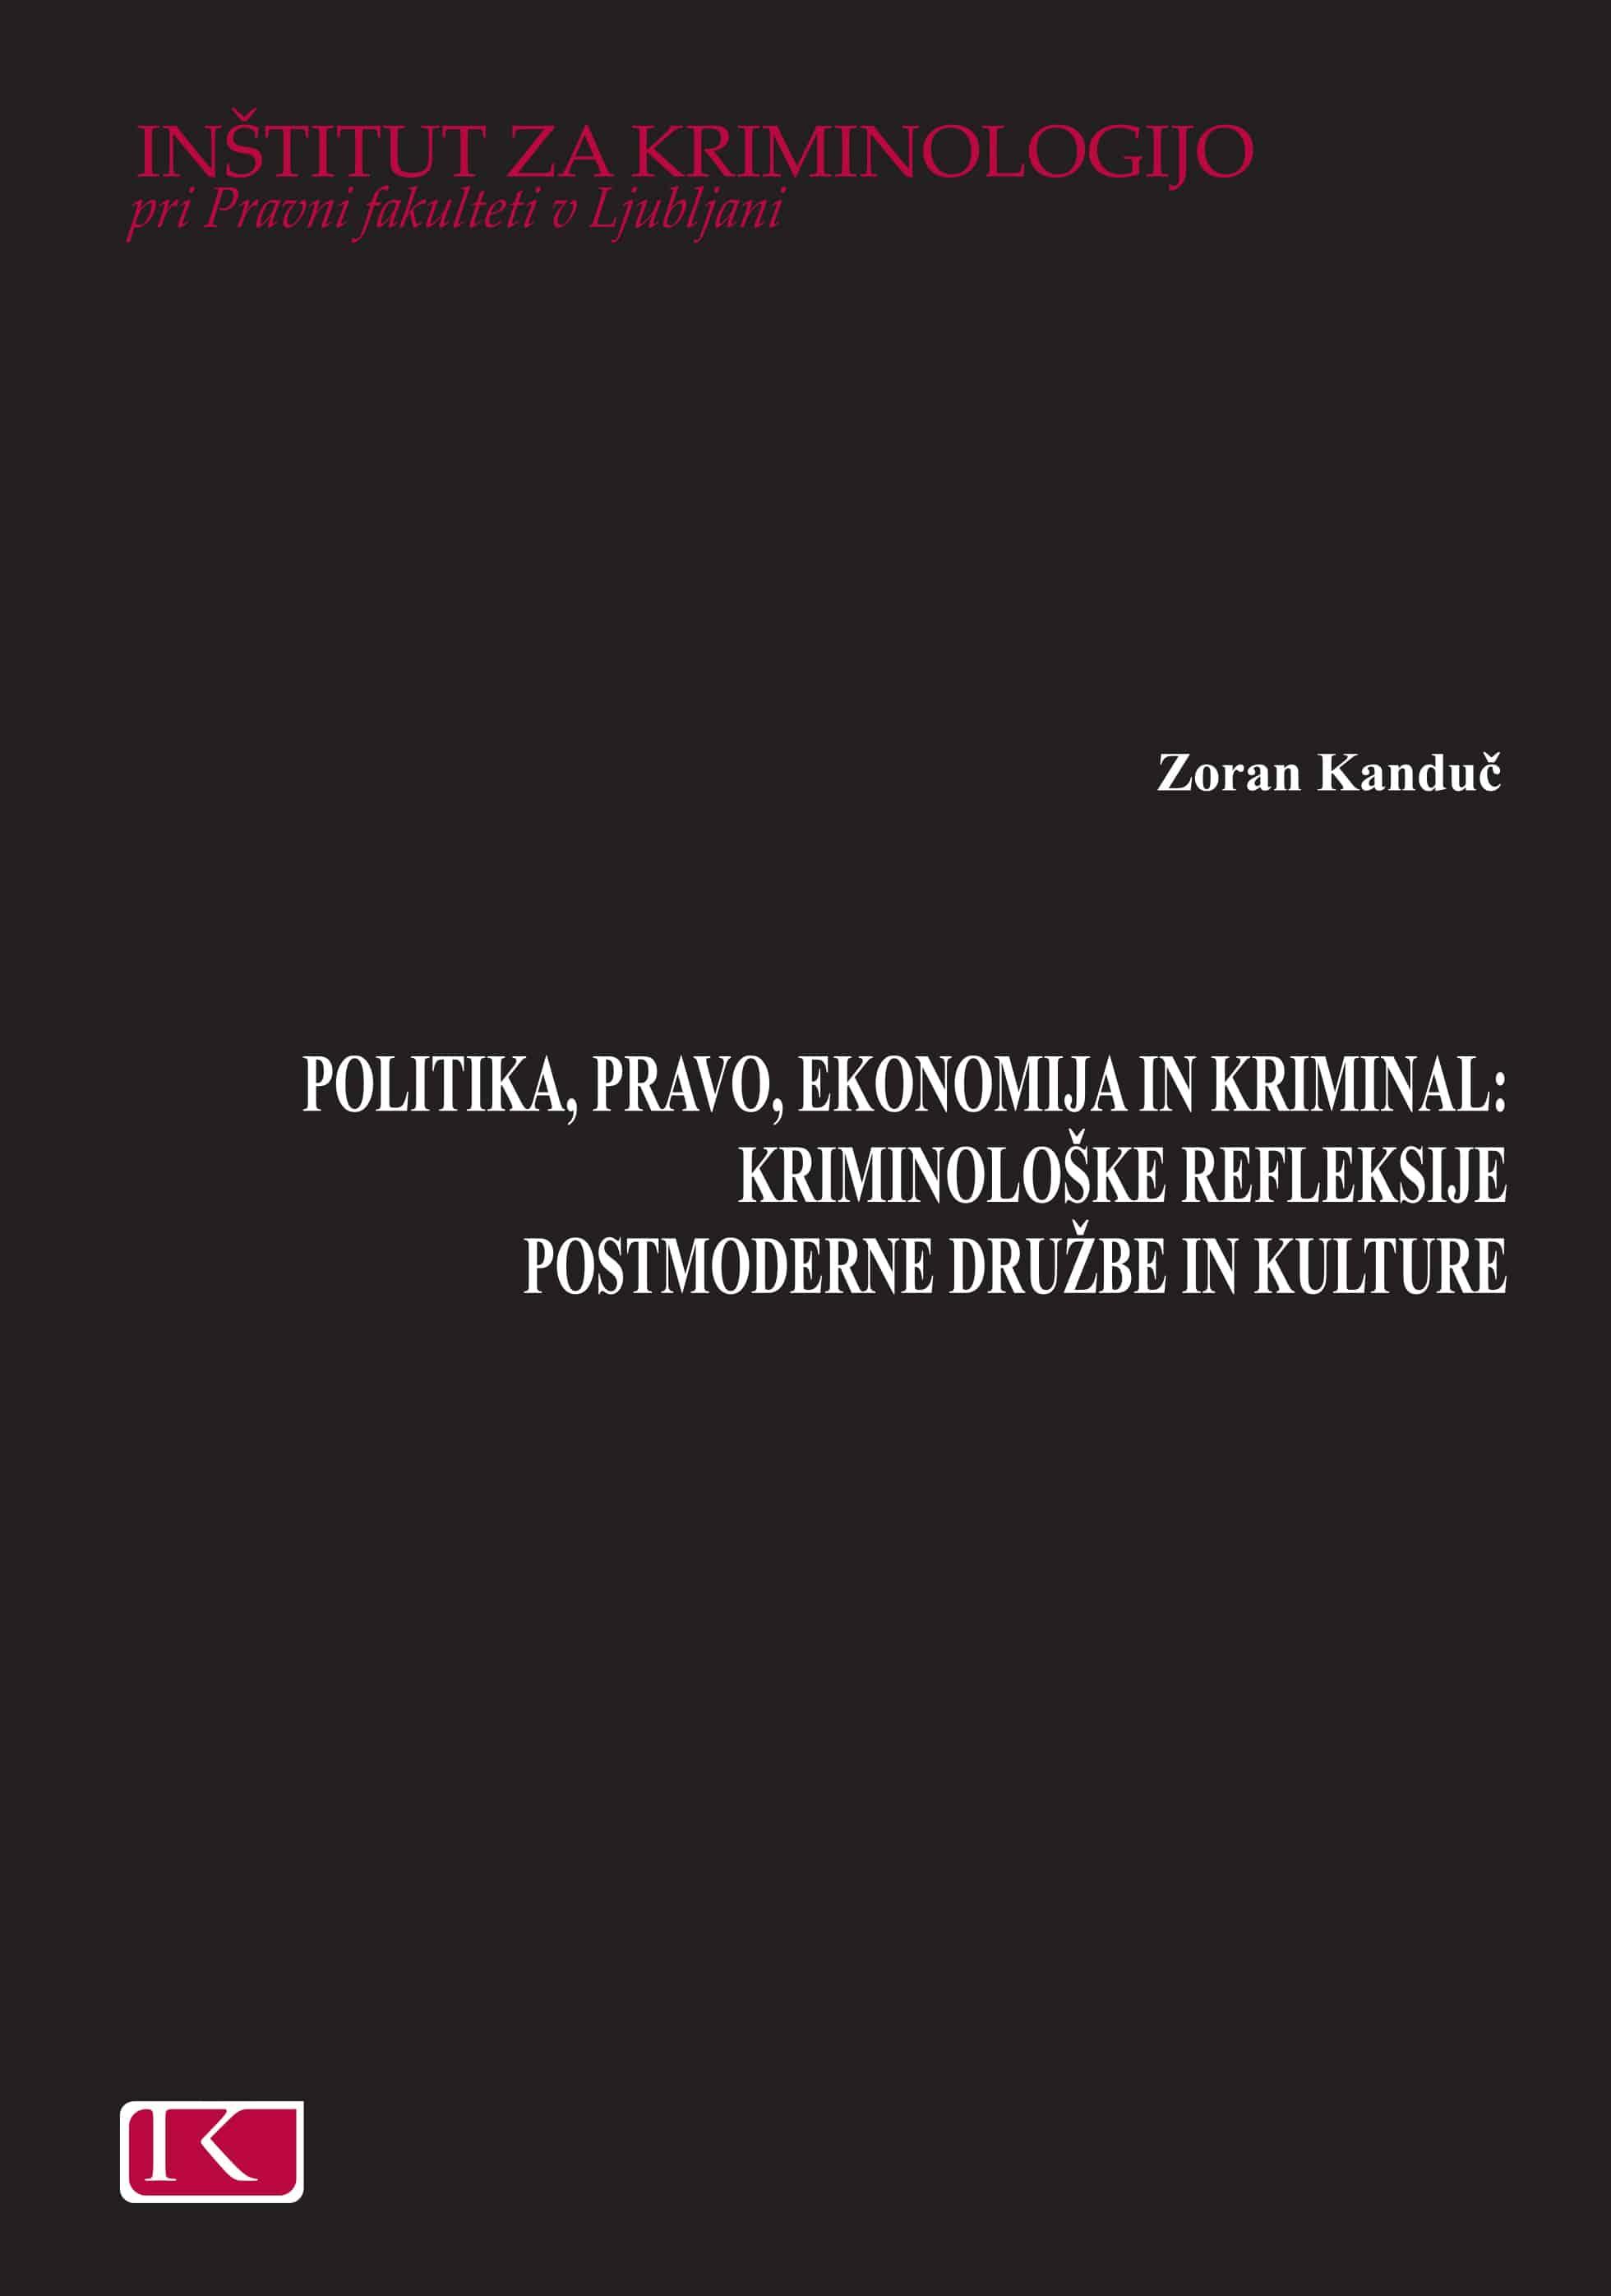 Politika, pravo, ekonomija in kriminal